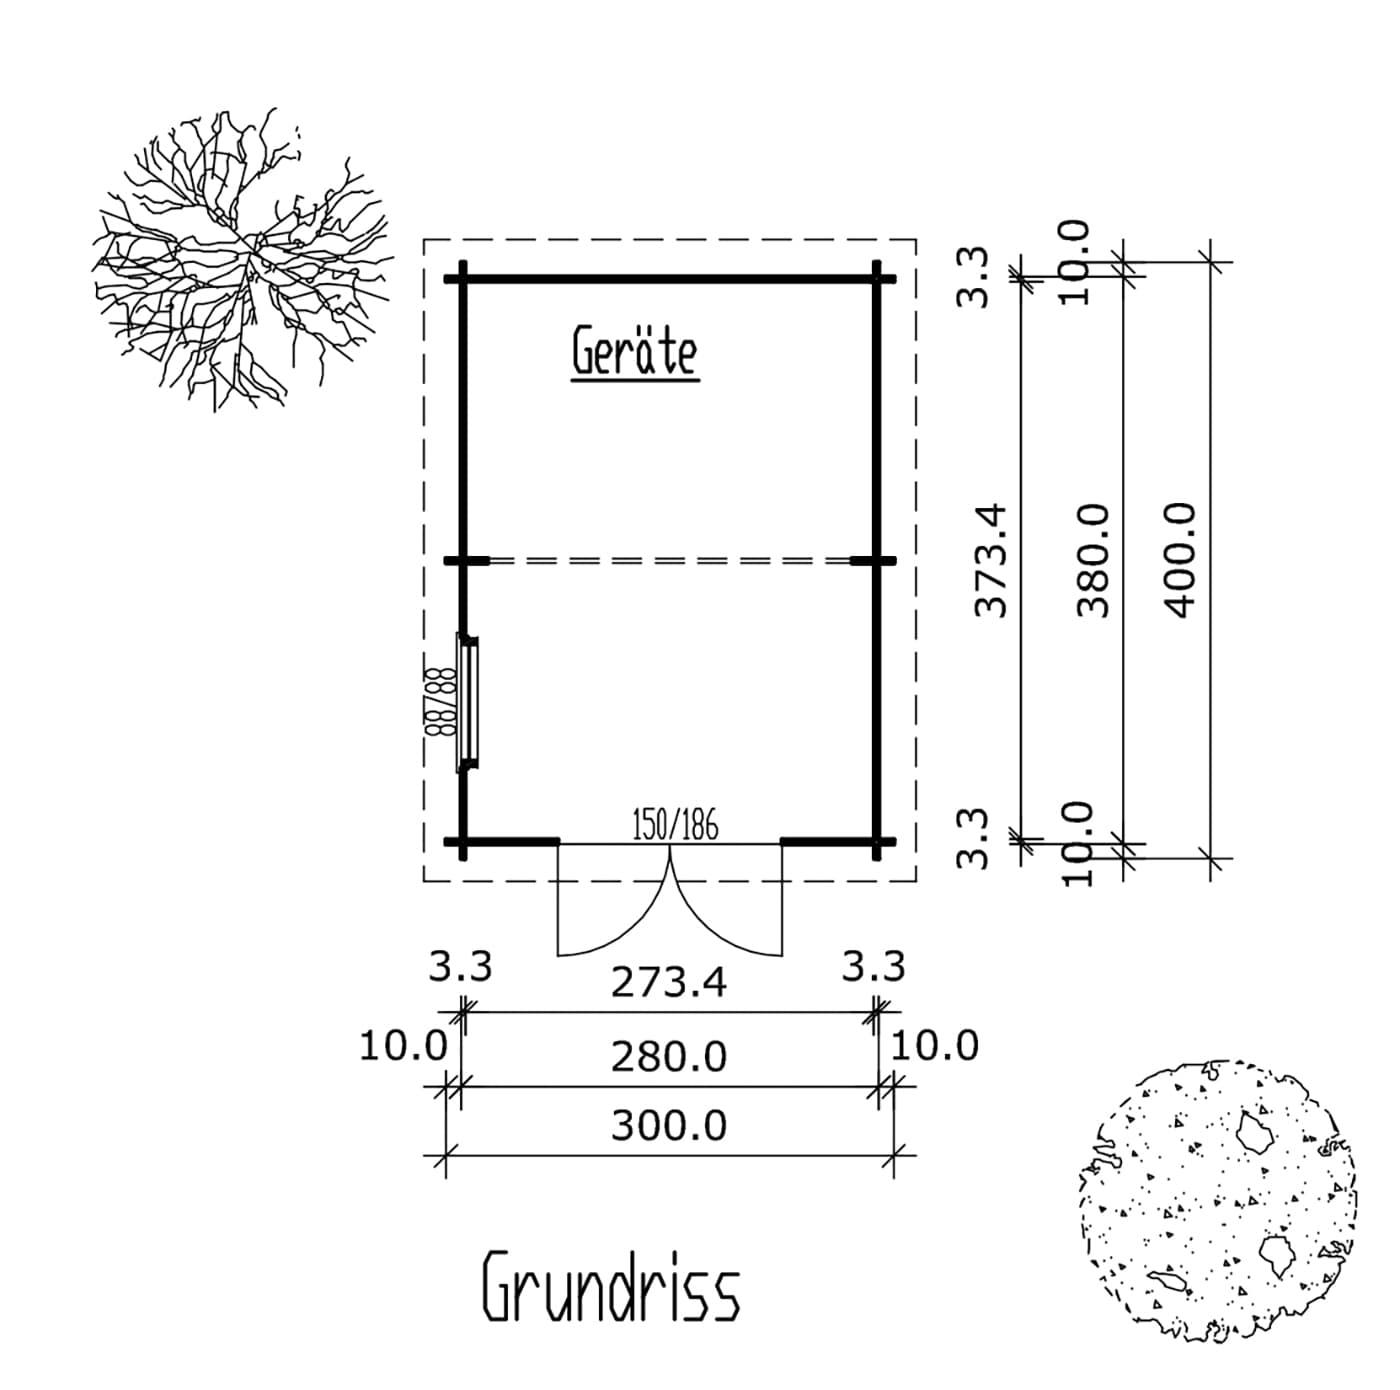 Z:MusterhäuserAusstellung LaheTonnenhaus 3,00x4,00m 2012Ton